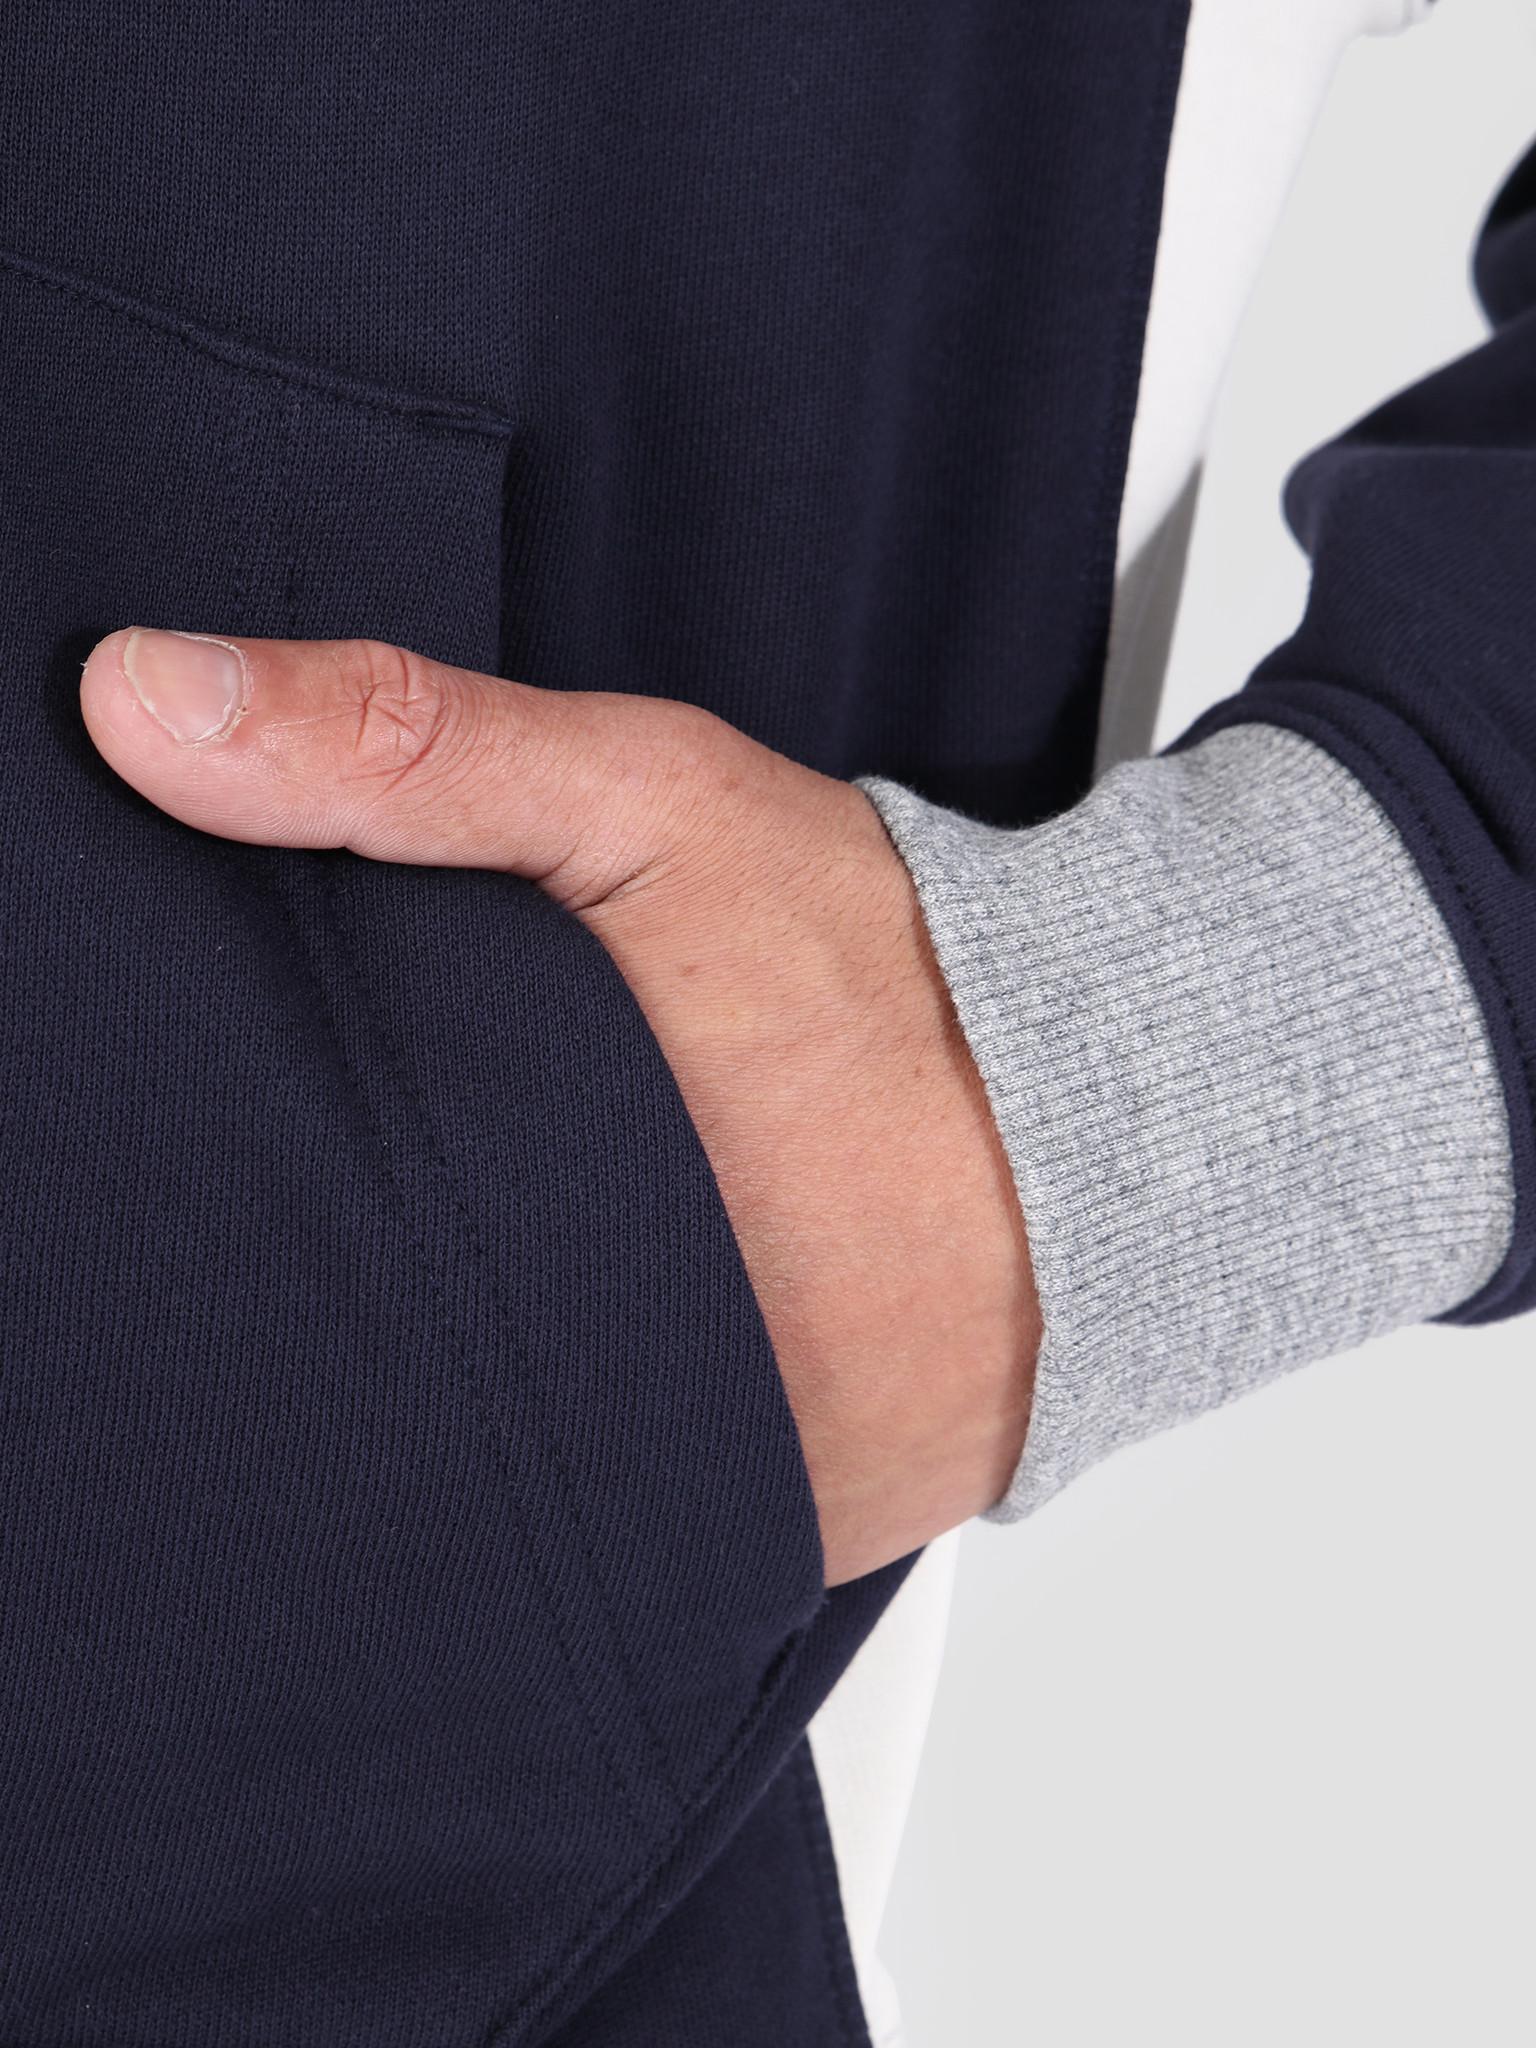 Lacoste Lacoste 1Hs1 Men'S Sweatshirt 01 Navy Blue Mascarpone-Arba Sh3751-91